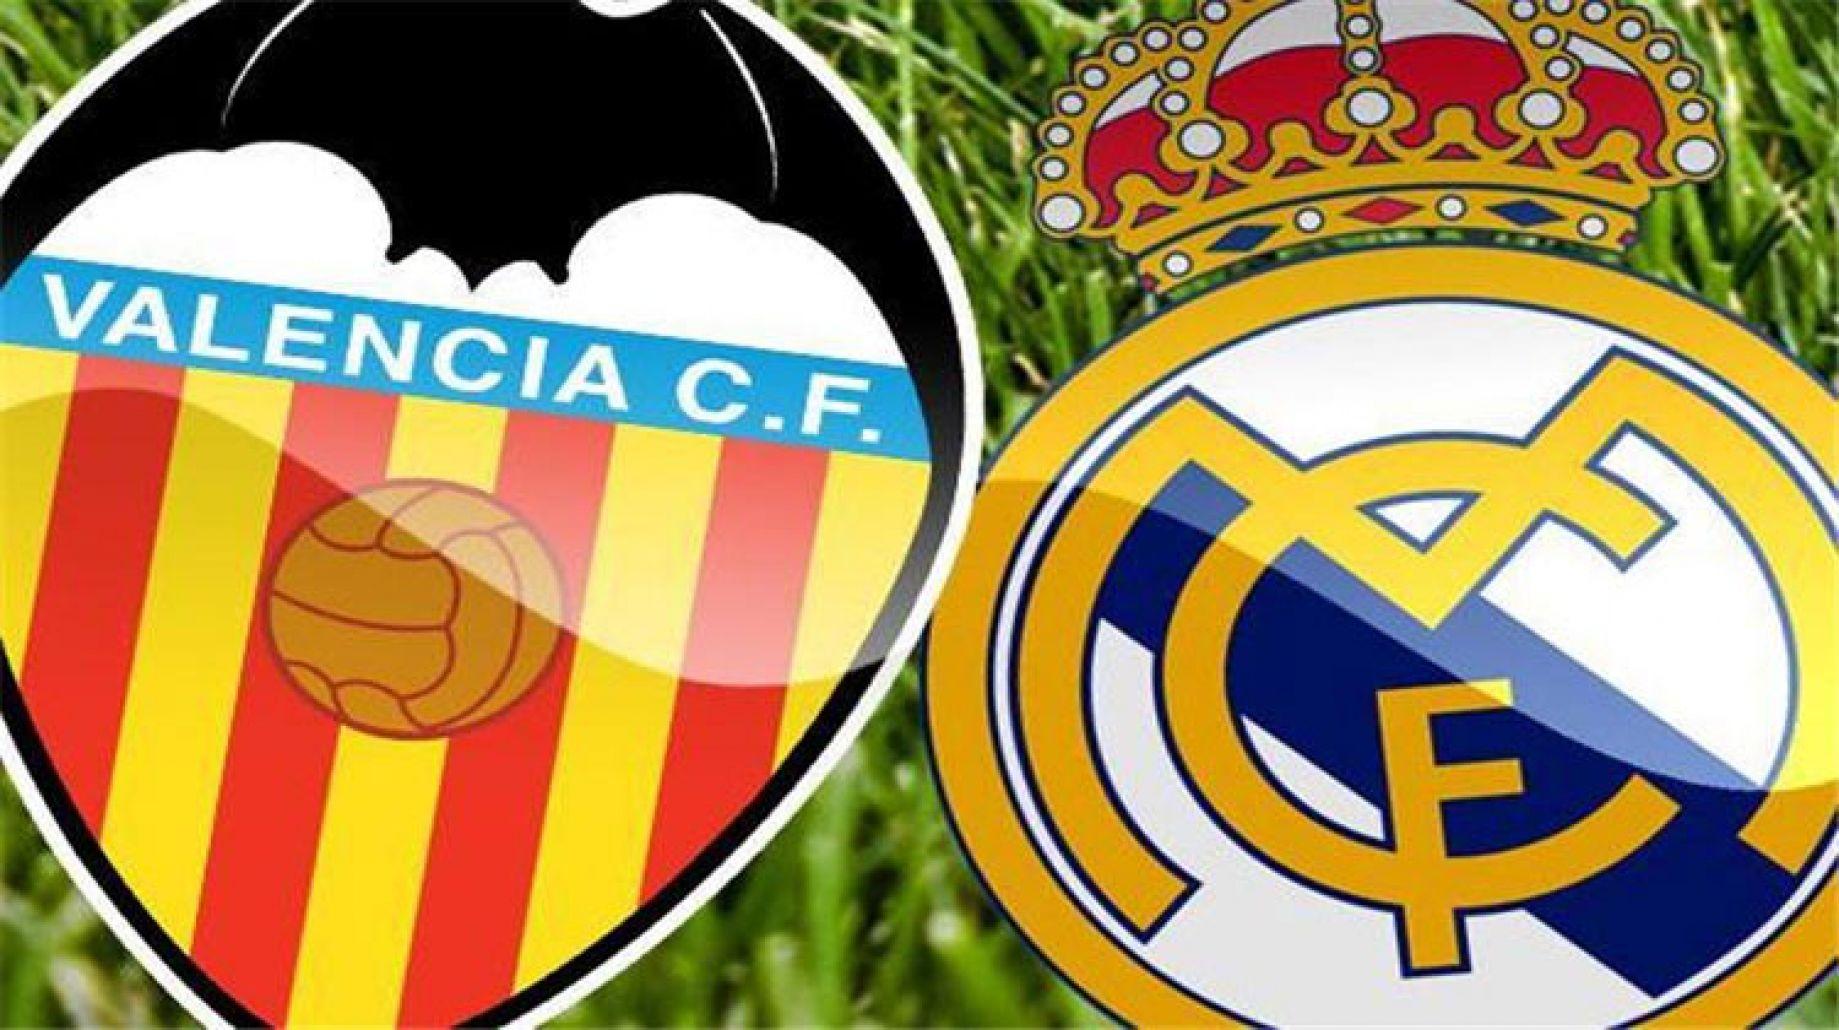 ملخص واهداف مباراة ريال مدريد وفالنسيا اليوم